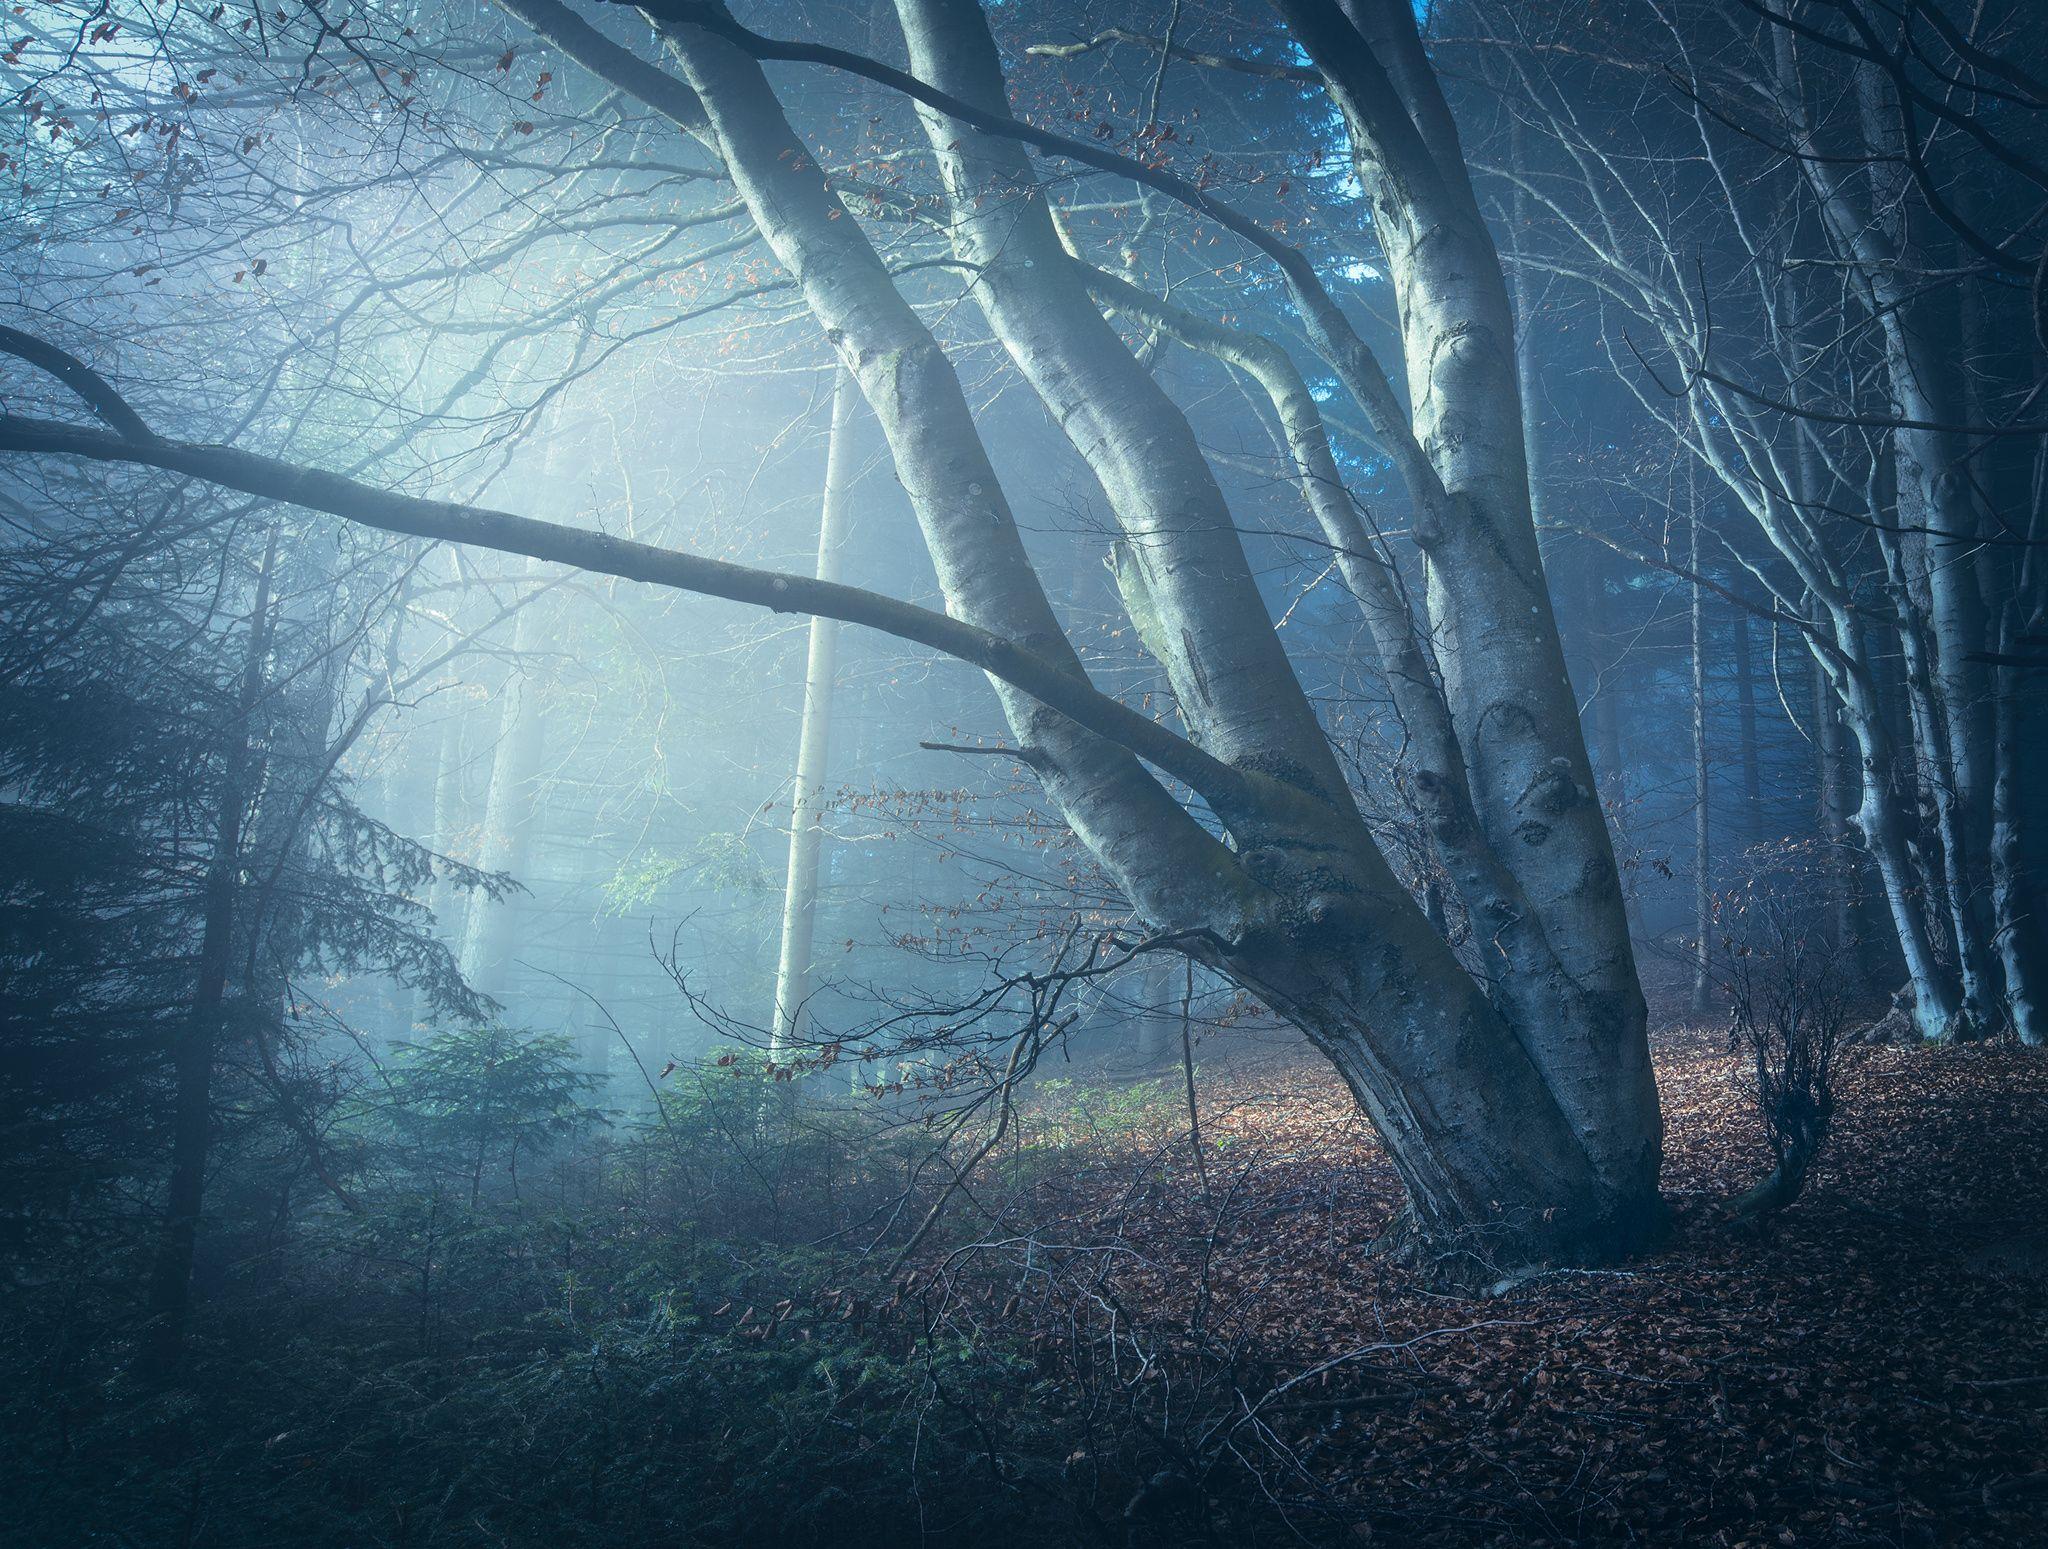 Fotograf Leaning to the Light von Martin Kornmesser auf 500px